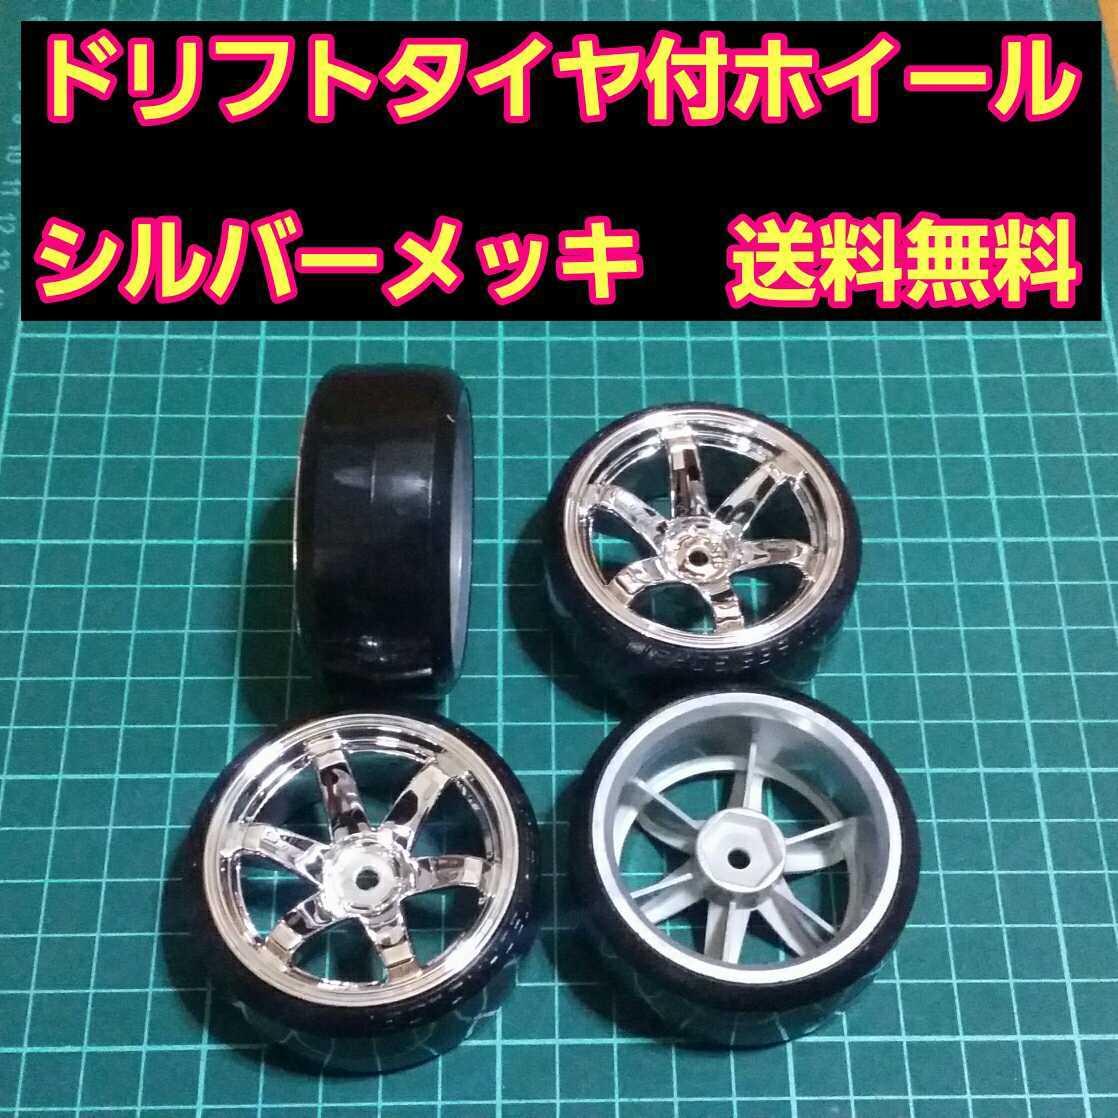 即決《送料無料》 1/10 ドリフト タイヤ 4本 付 ホイール ■シルバー■ タミヤ ラジコン ヨコモ ドリパケ タミヤ TT01 TT02 YD-2